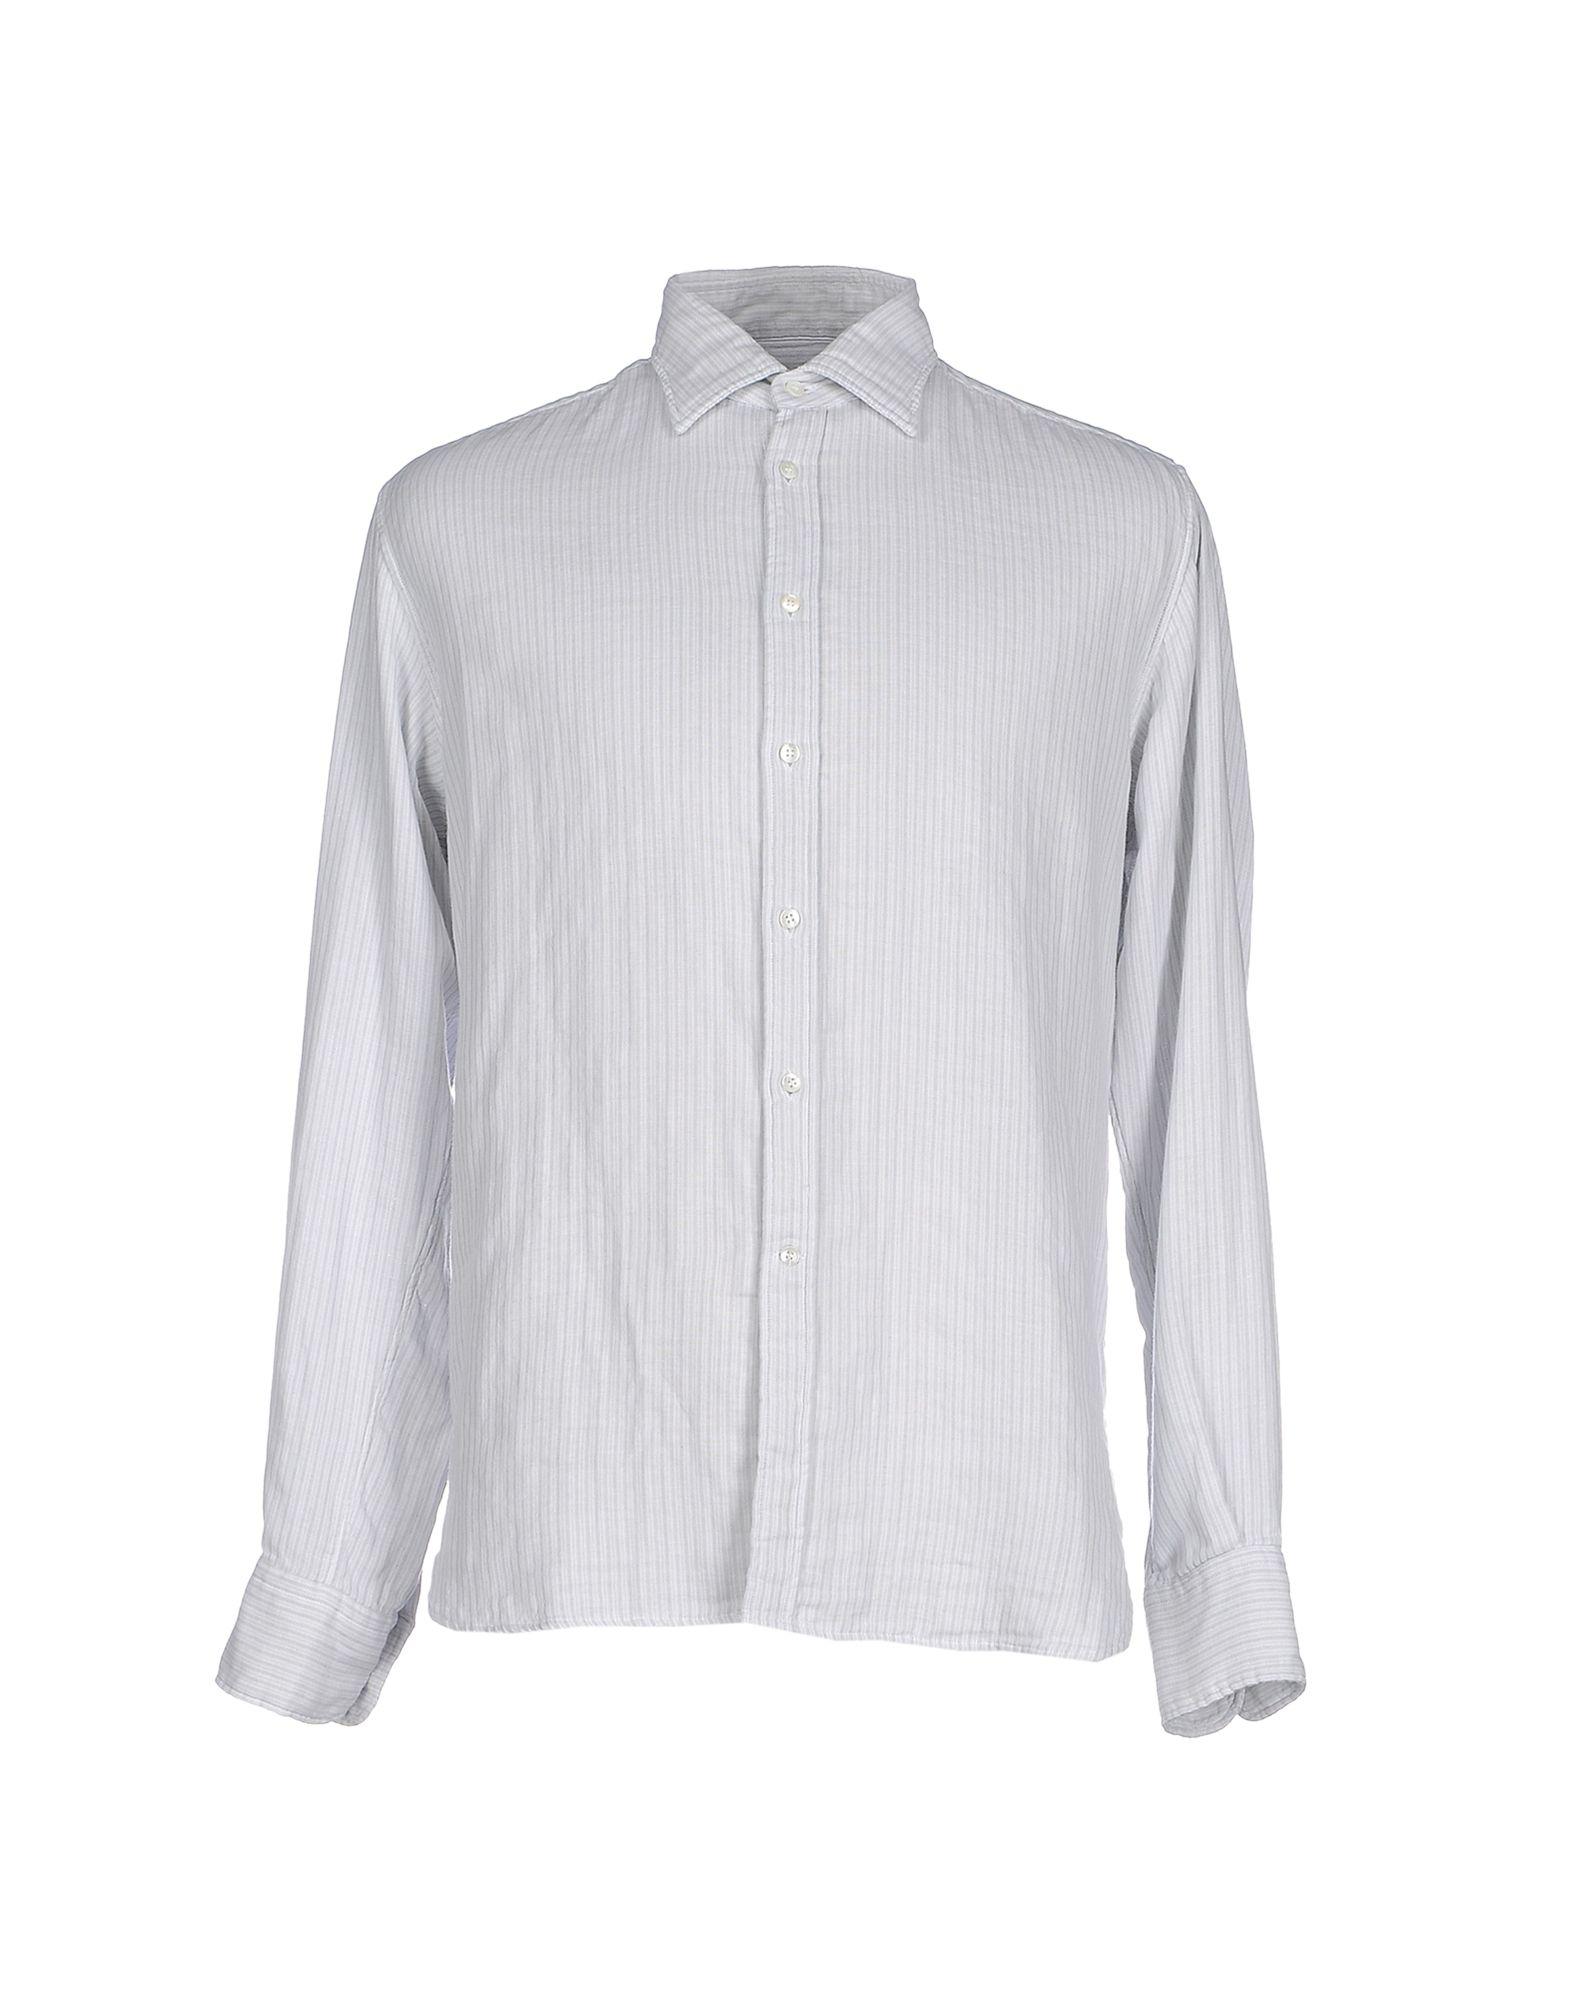 где купить REGIMENTAL Pубашка по лучшей цене